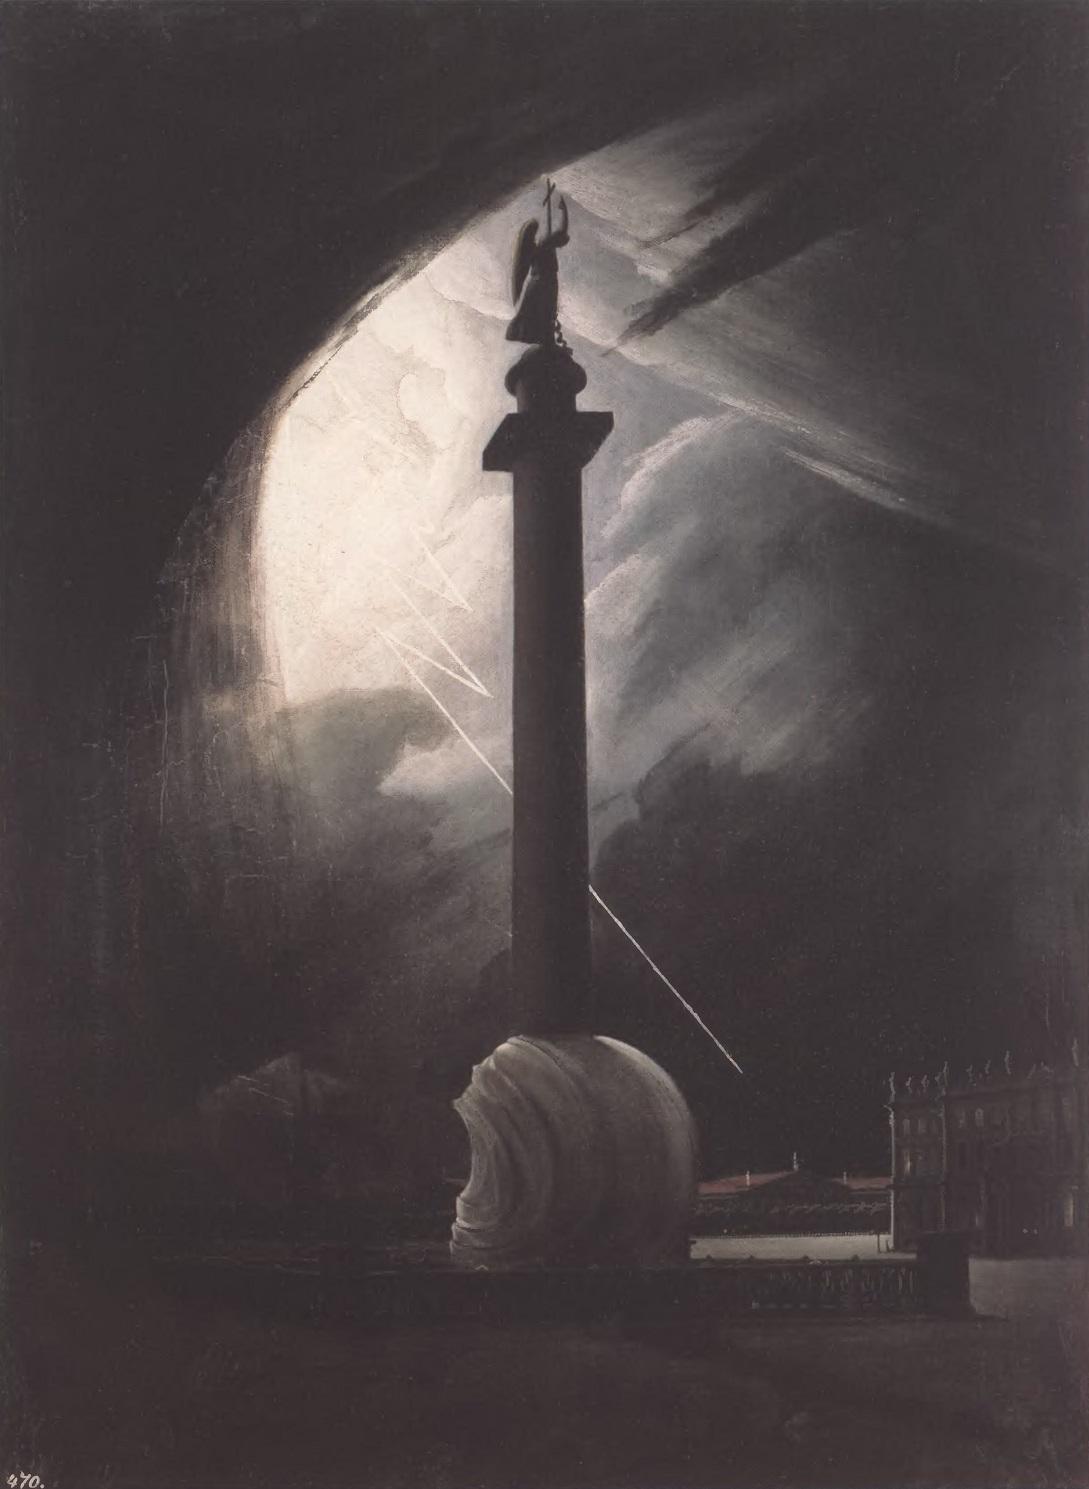 ВАСИЛИЙ РАЕВ. Александровская колонна во время грозы. 1834. Холст, масло. 65 X 47 см. Государственный Русский музей